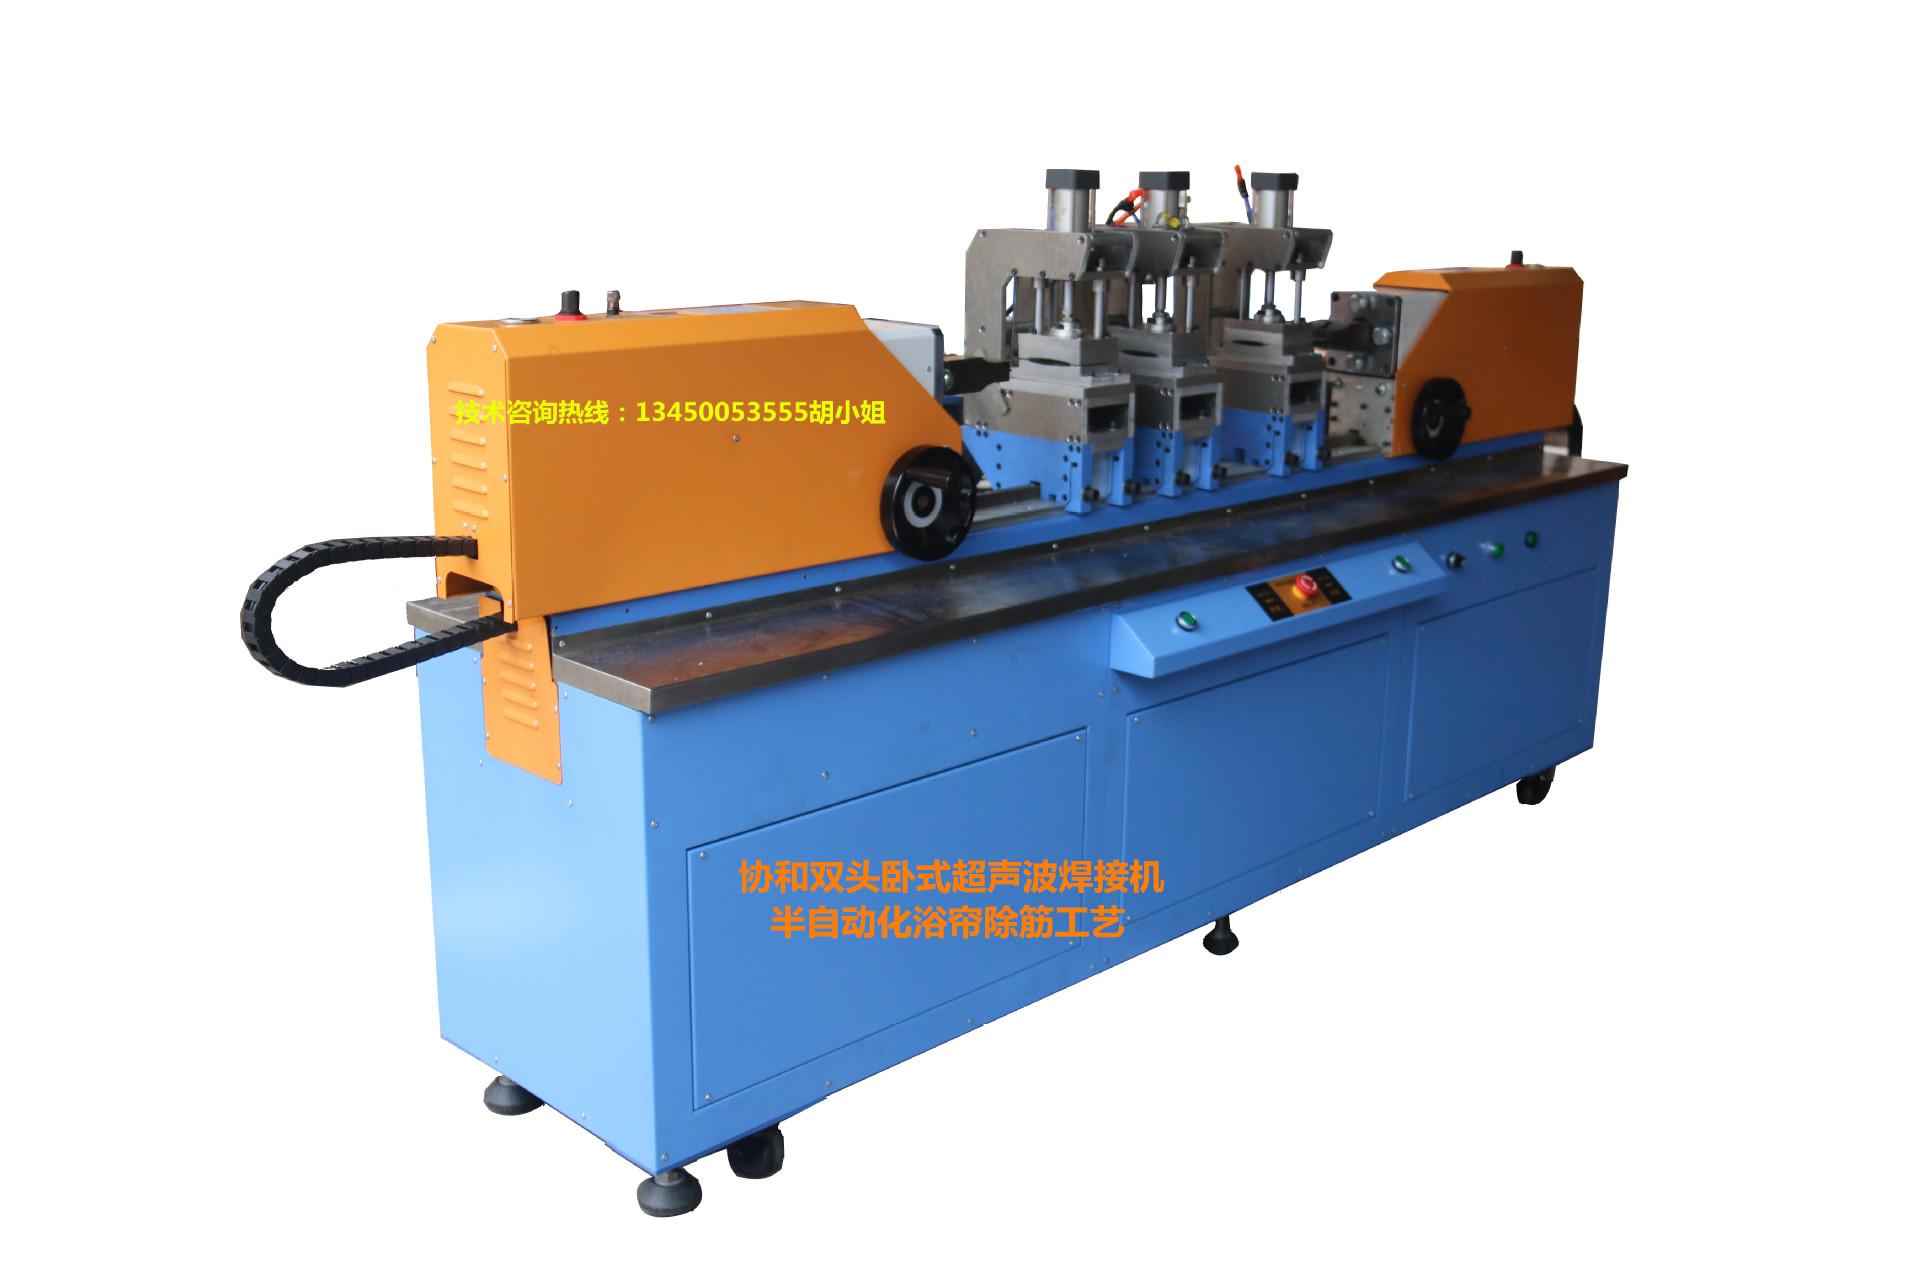 昆山超声波焊接机 防水防气密技术 PP料气密焊接龙布协和超声波机示例图12